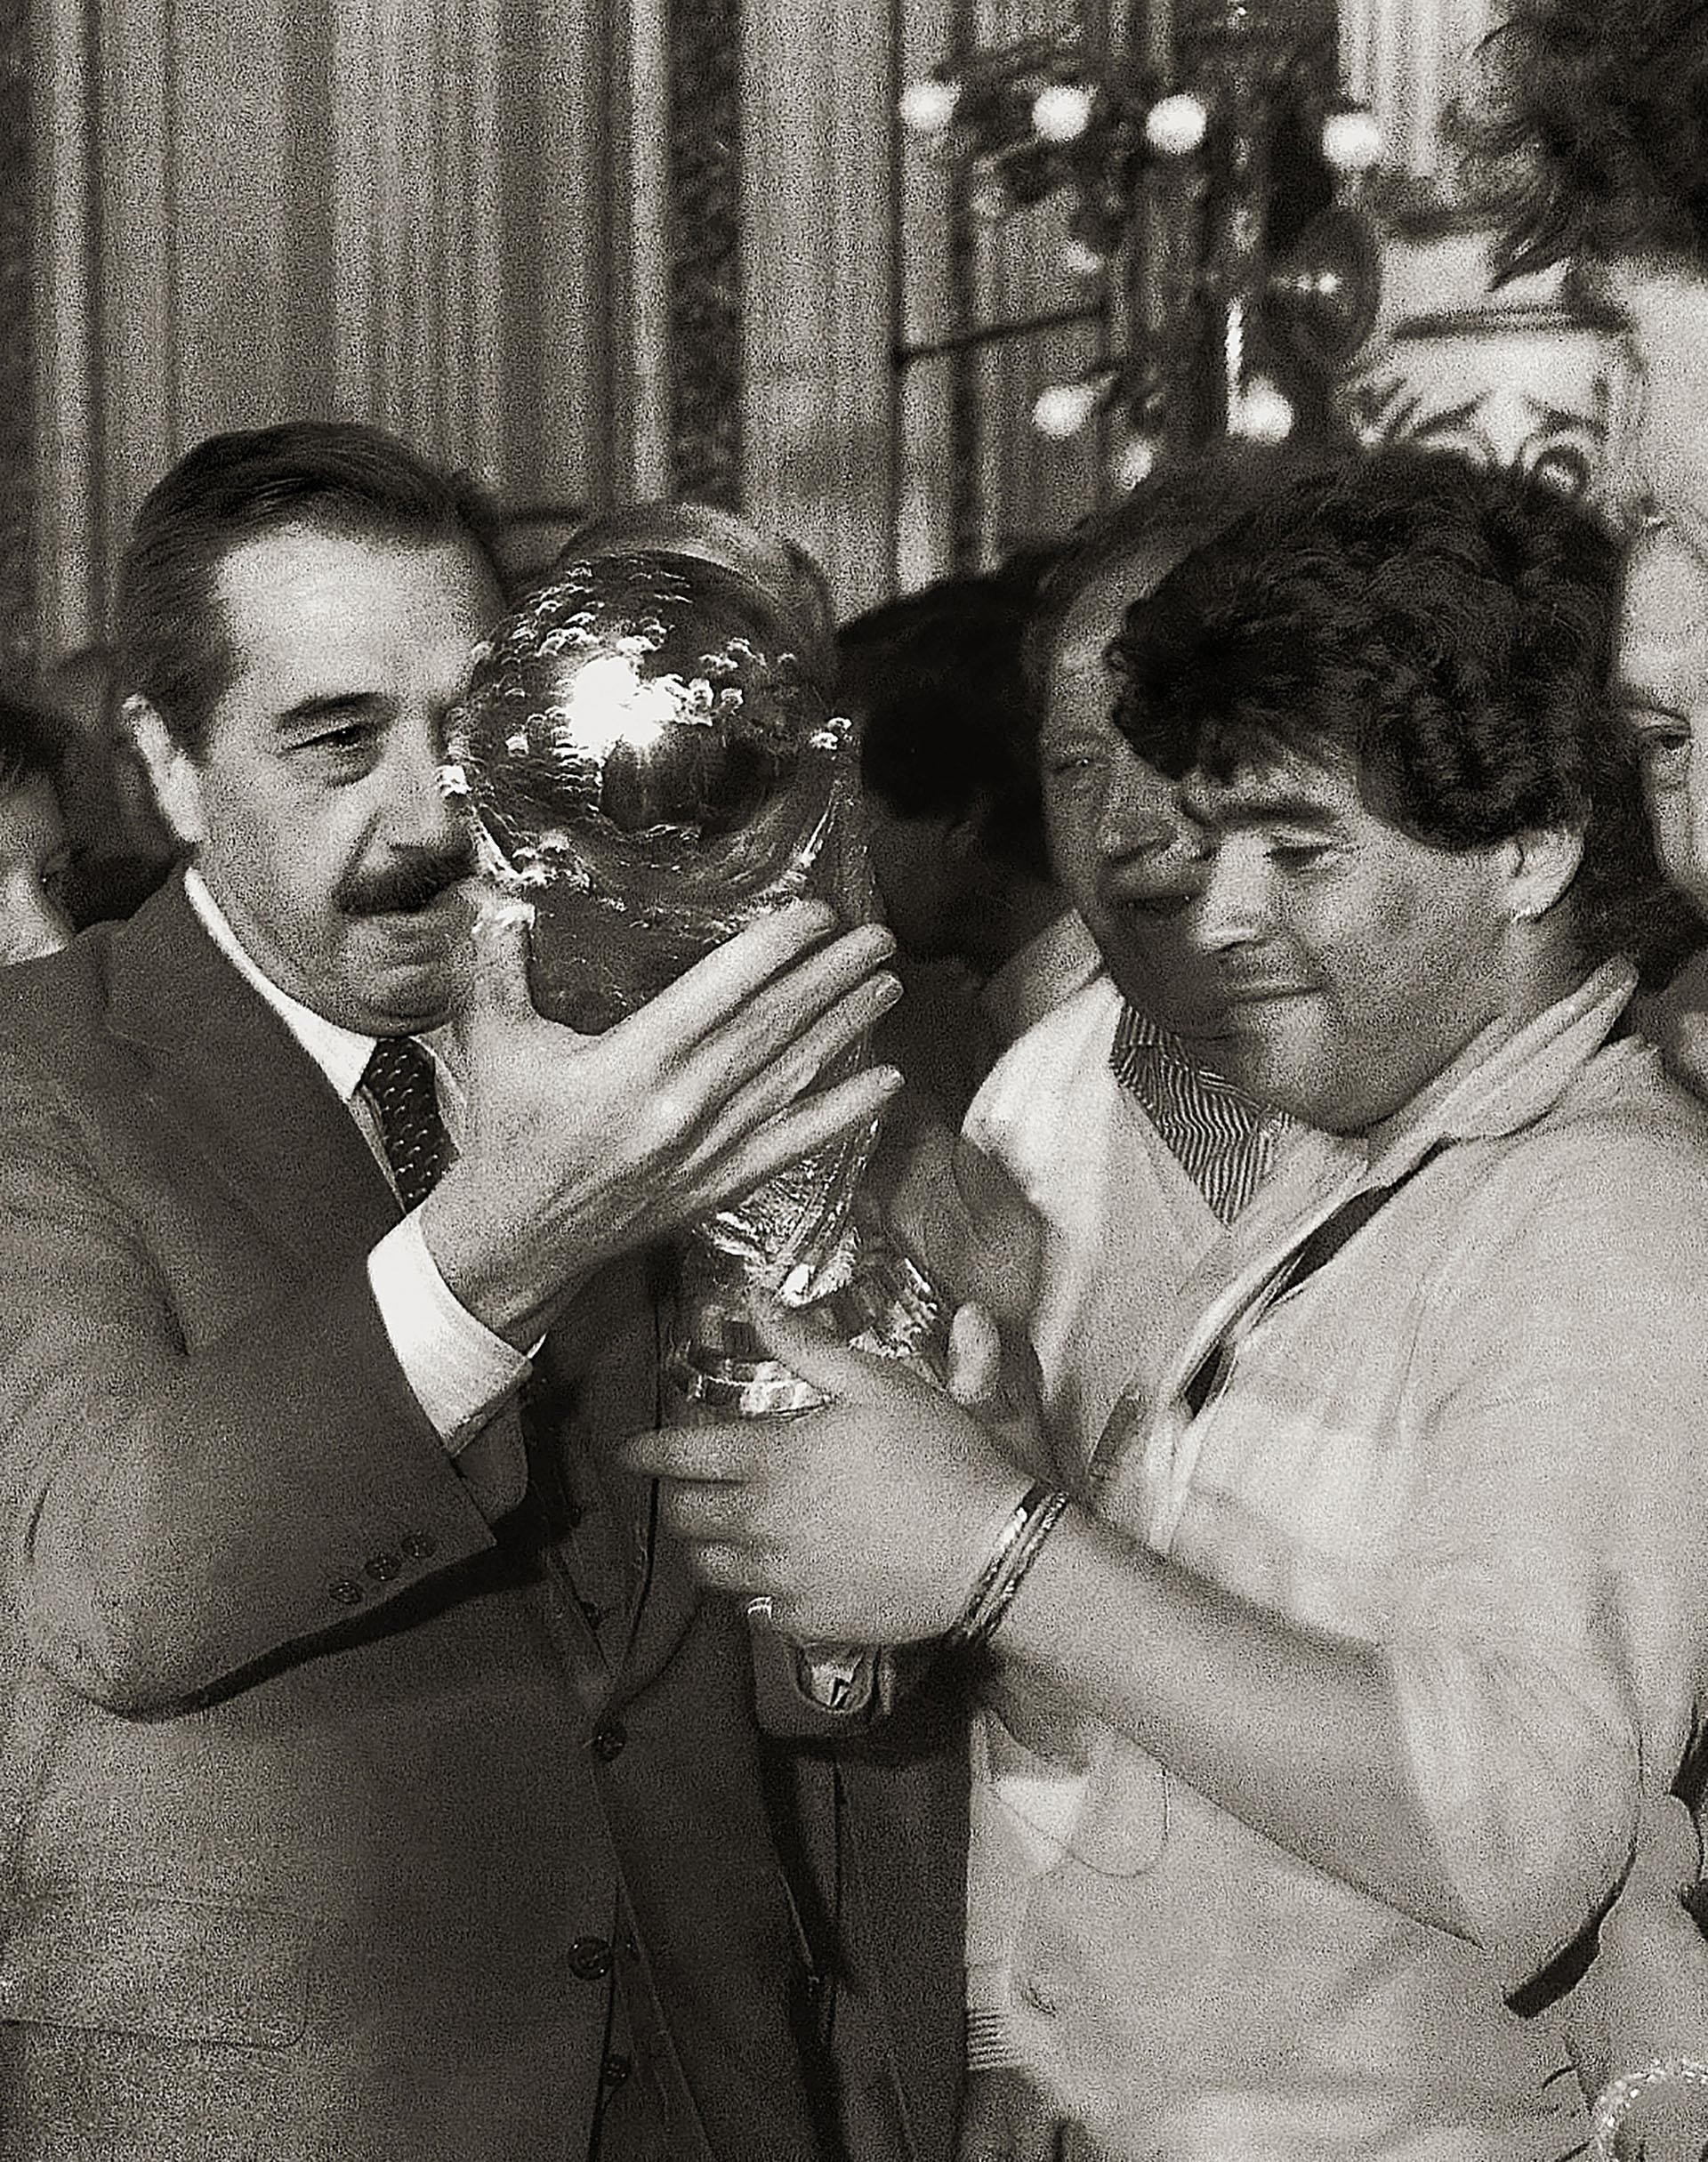 Raúl Alfonsín y Diego Maradona con la Copa del Mundo